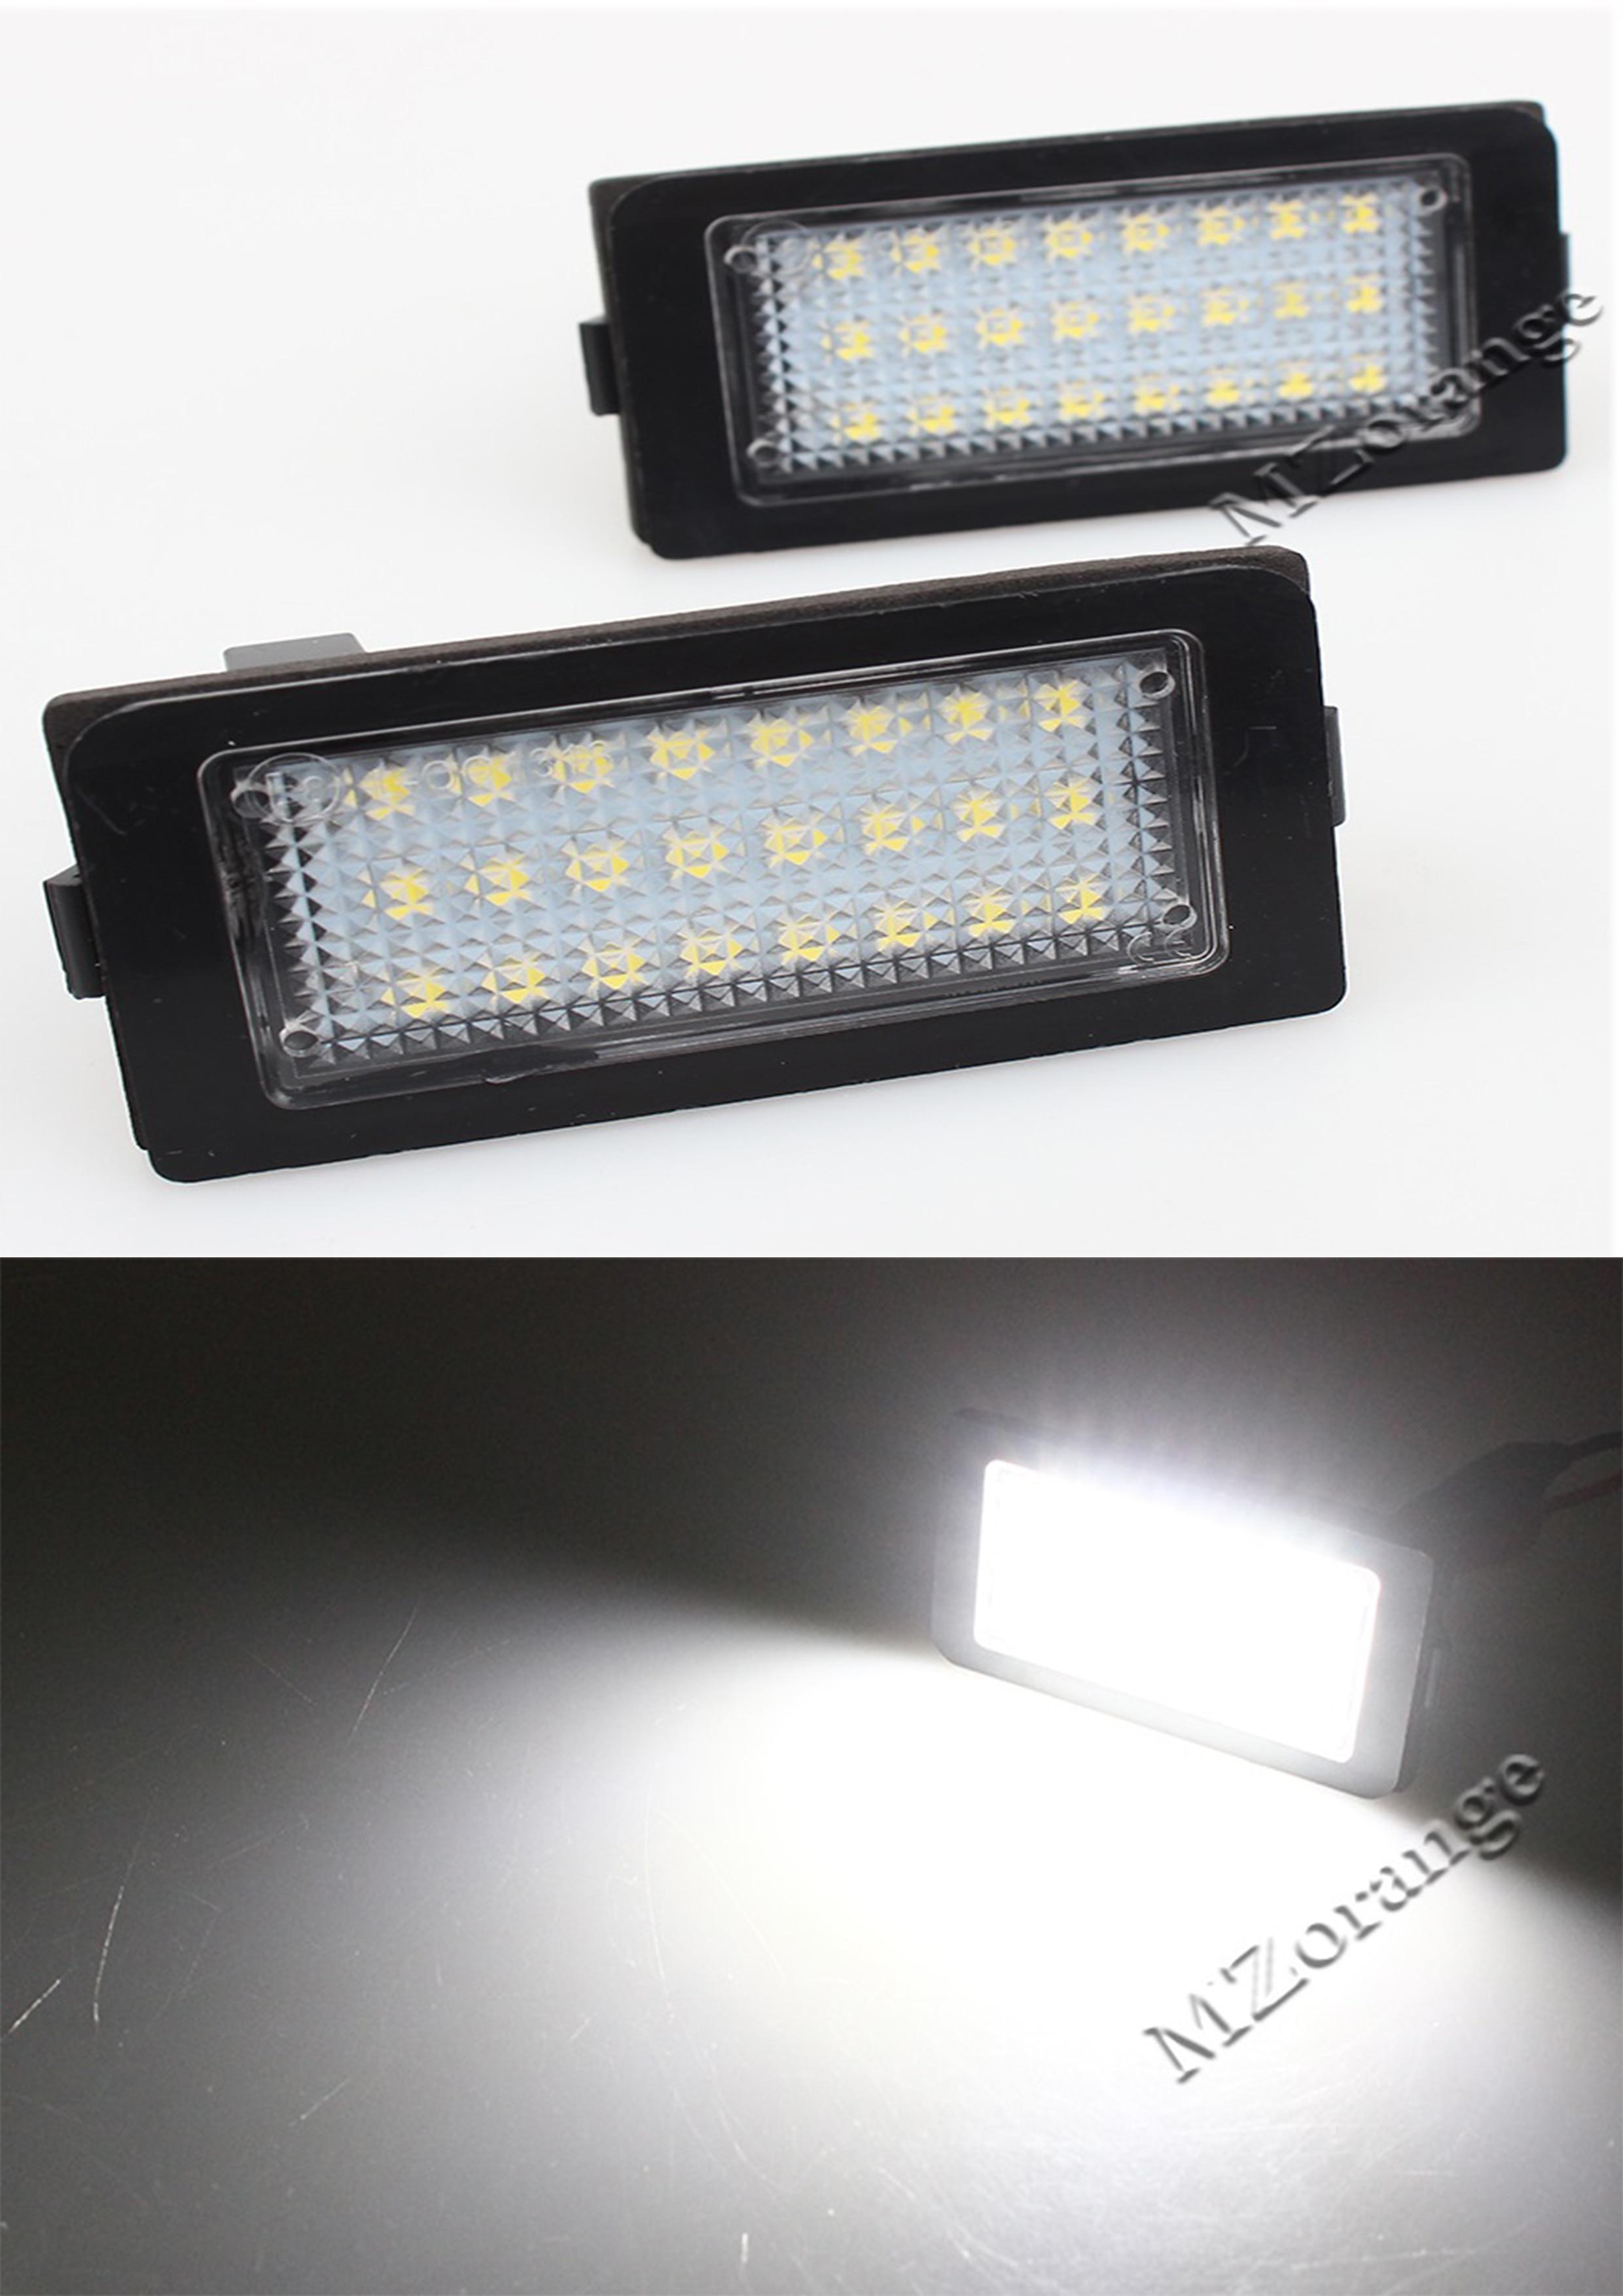 MZORANGE 2pcs 12v 6000k Car LED  Number Licence Plate Light For BMW E38 1995-2001 24 SMD White Led Lamp Bulb